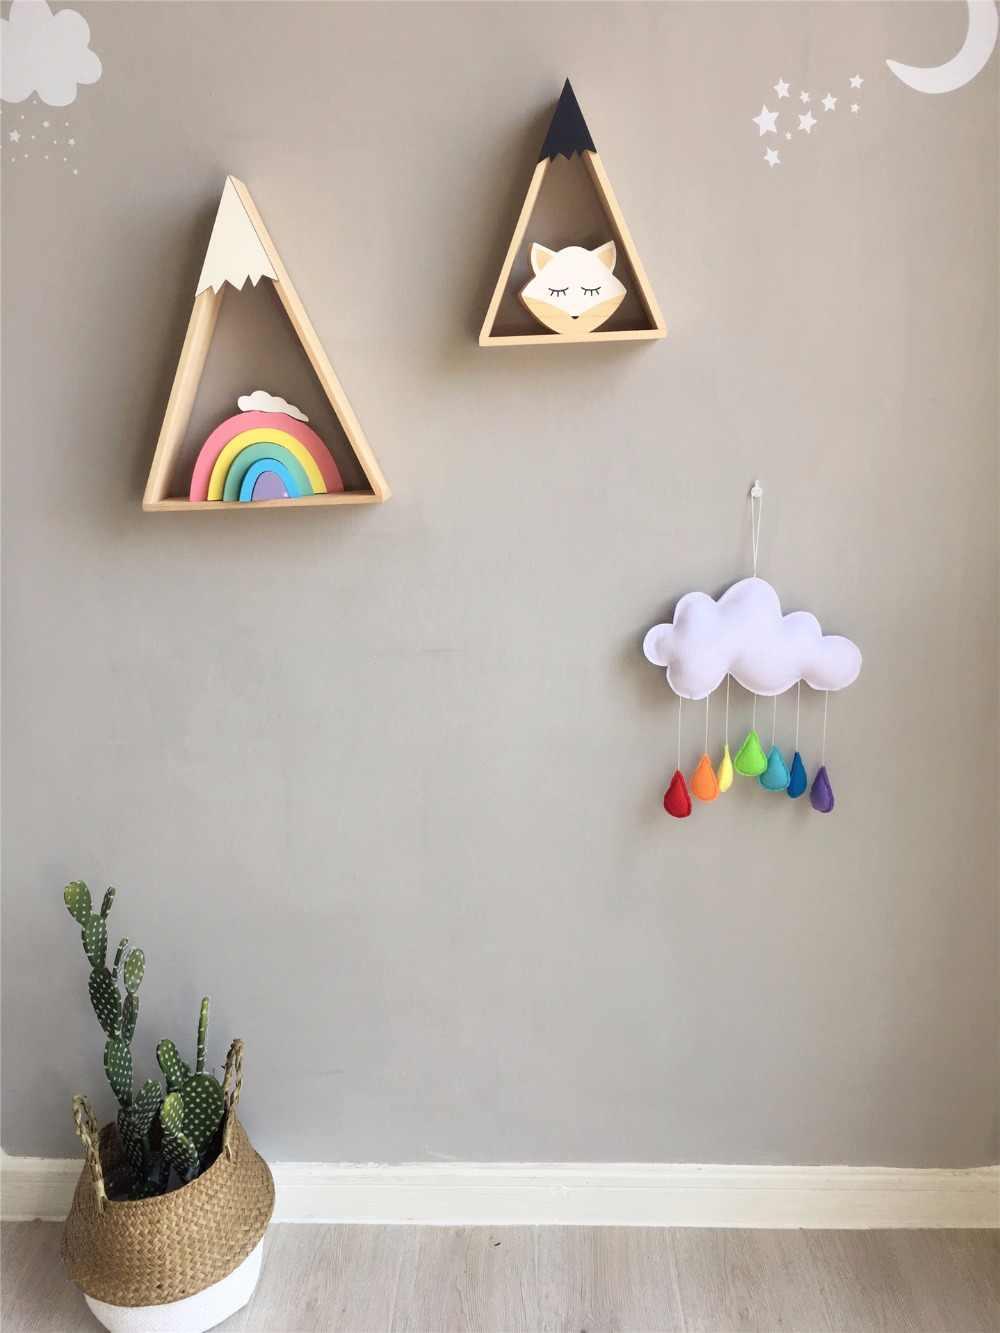 D Ins Nordic nadziewane Cloud i Rainbow kolor krople deszczu draperie namiot ozdoby dla dzieci fotografia rekwizyty dekoracje